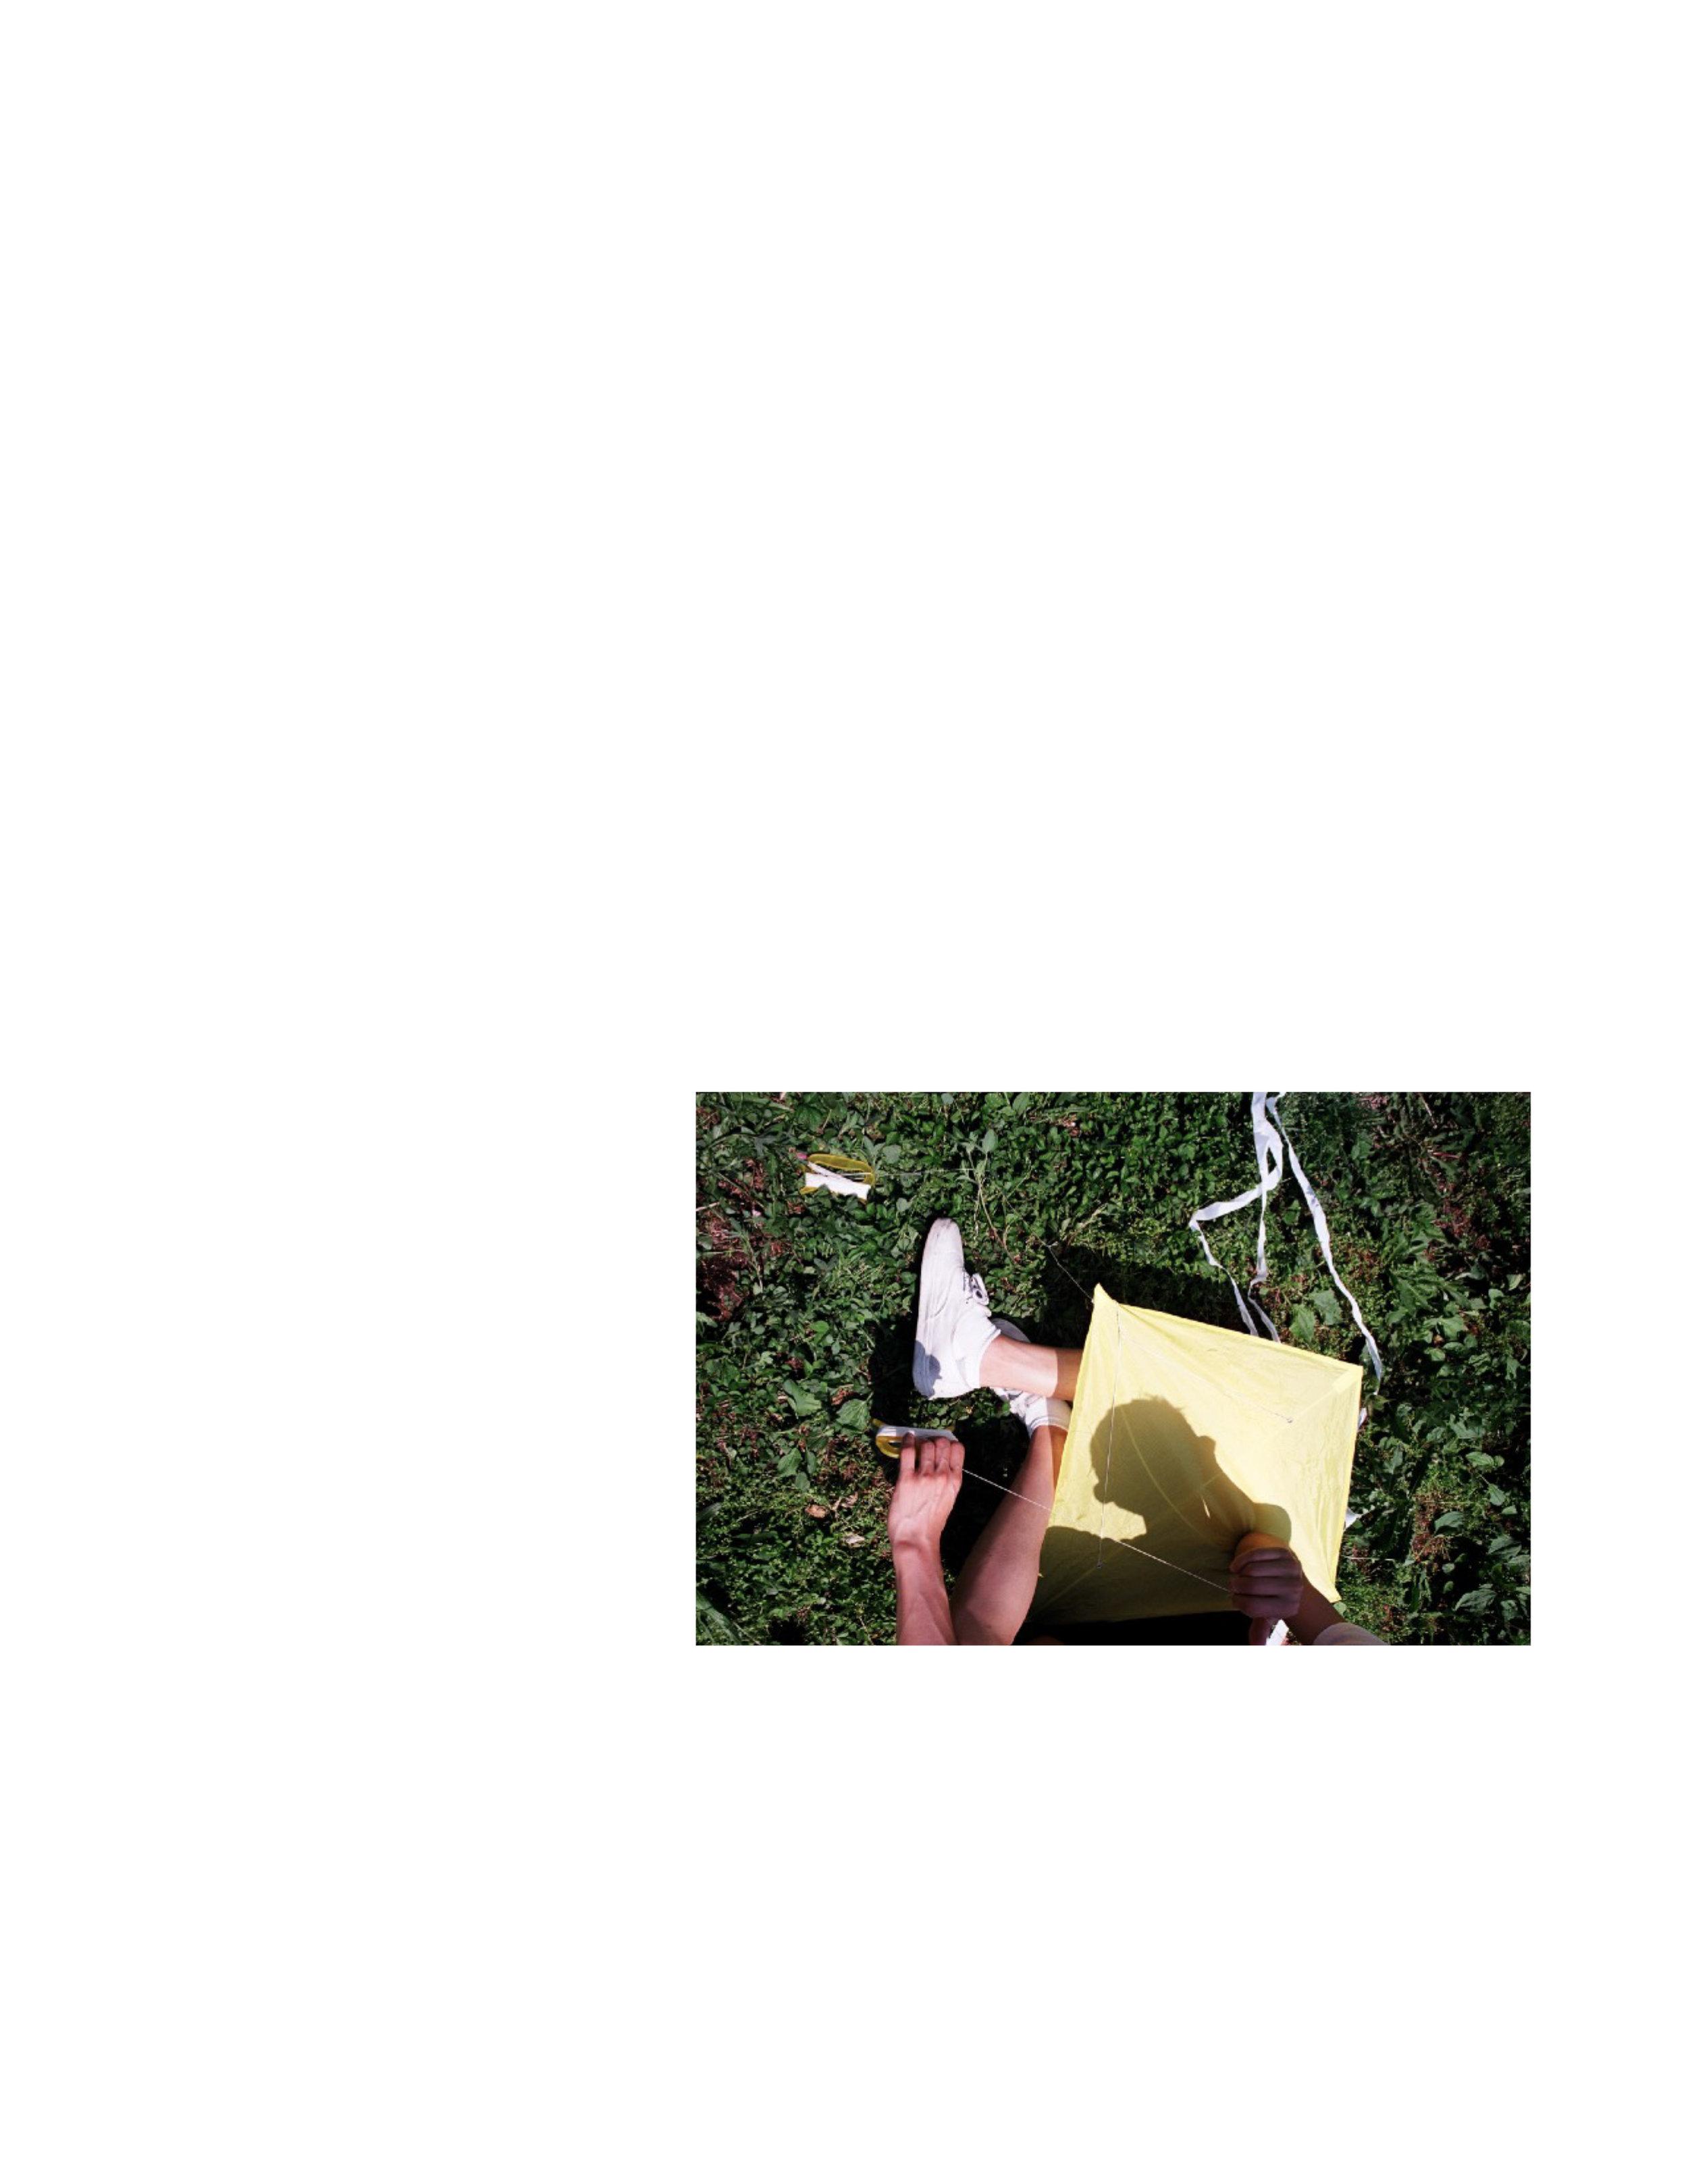 ingmar_jon-kites-pdf-1.jpg